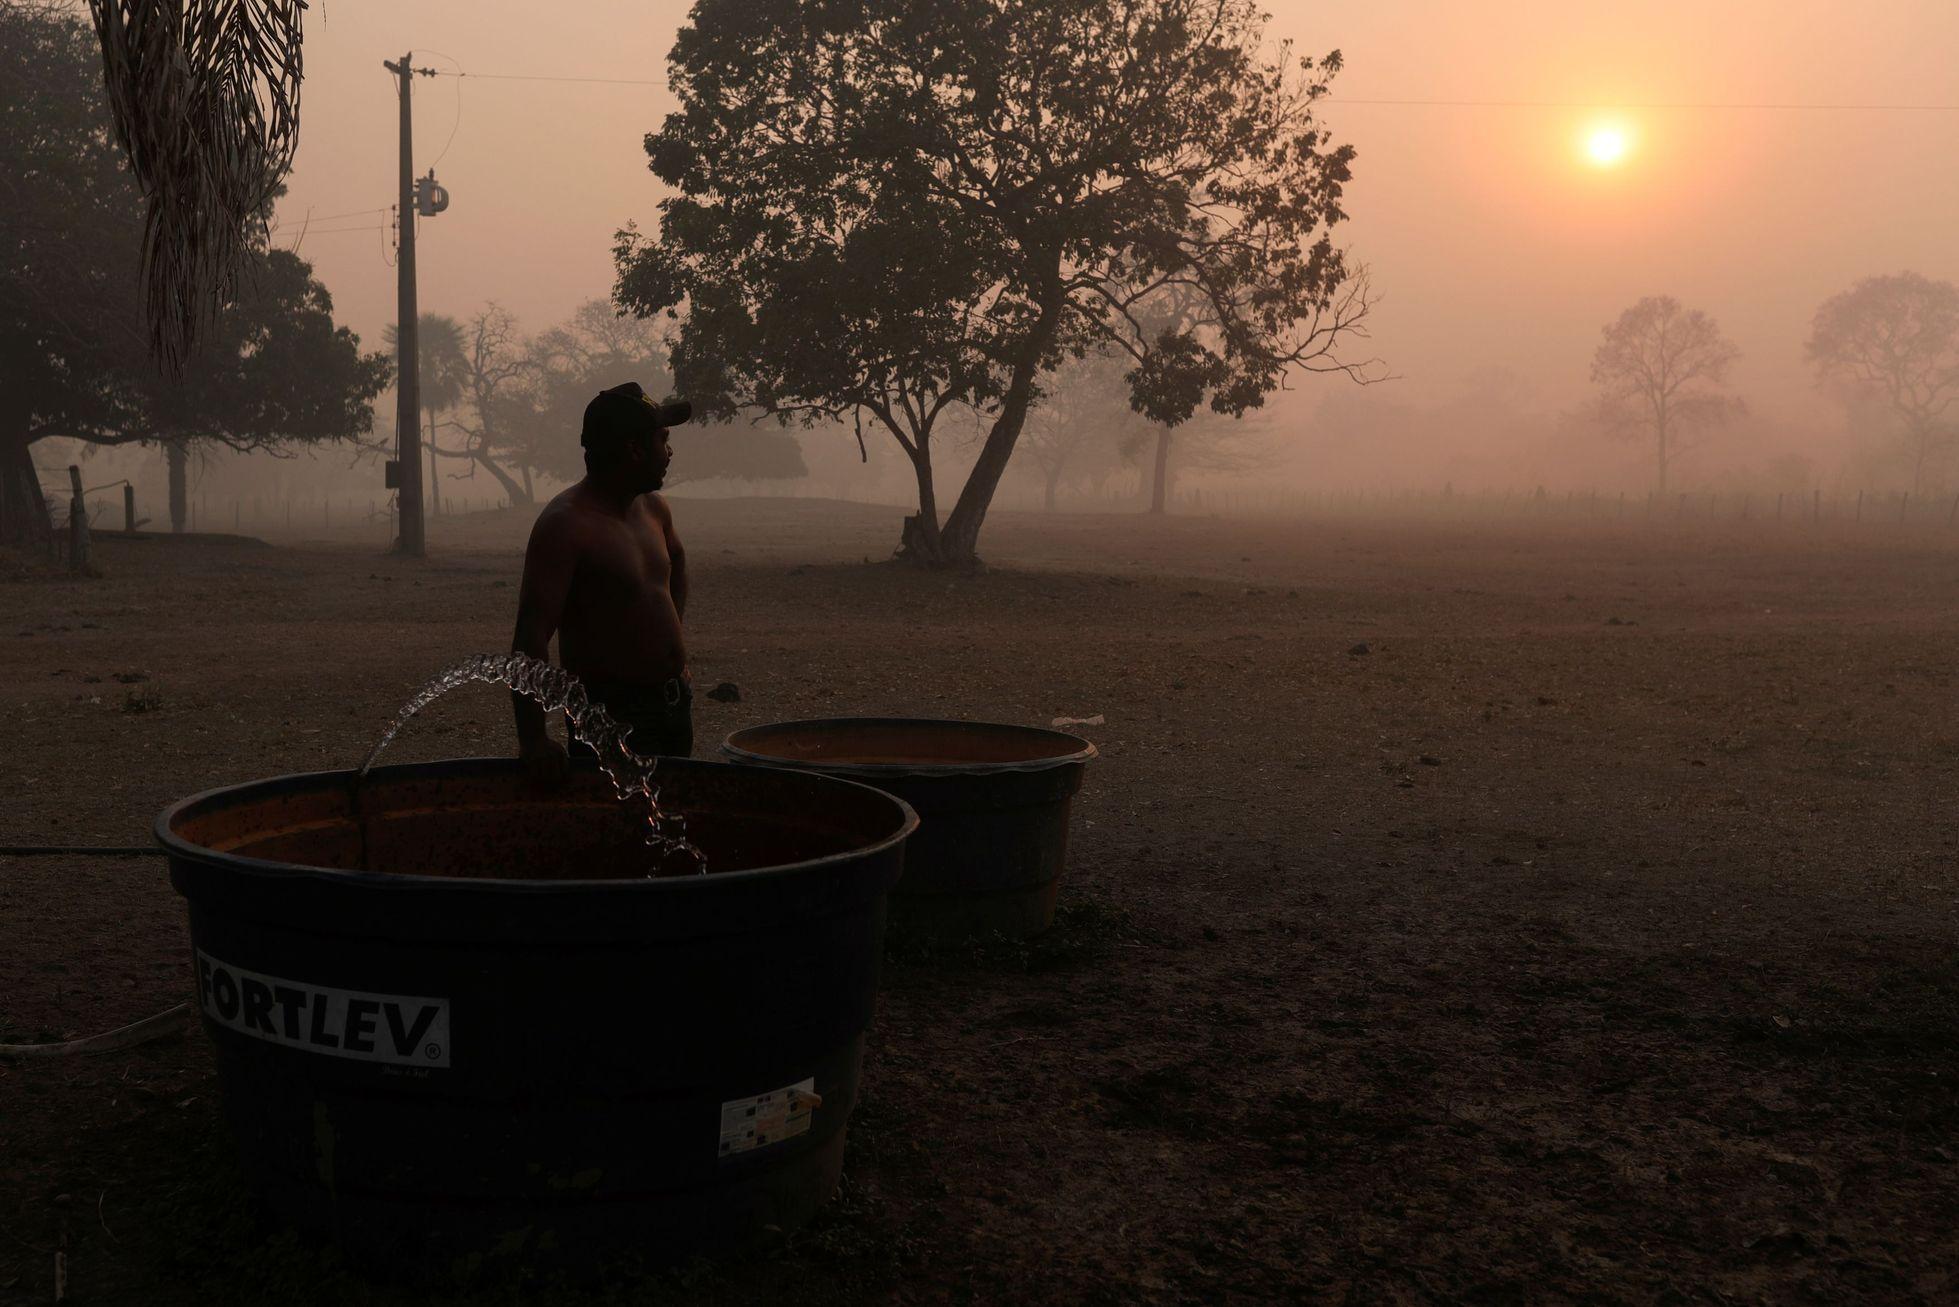 Farmáři, kteří v oblasti chovají dobytek, jsou na povodně zvyklí.